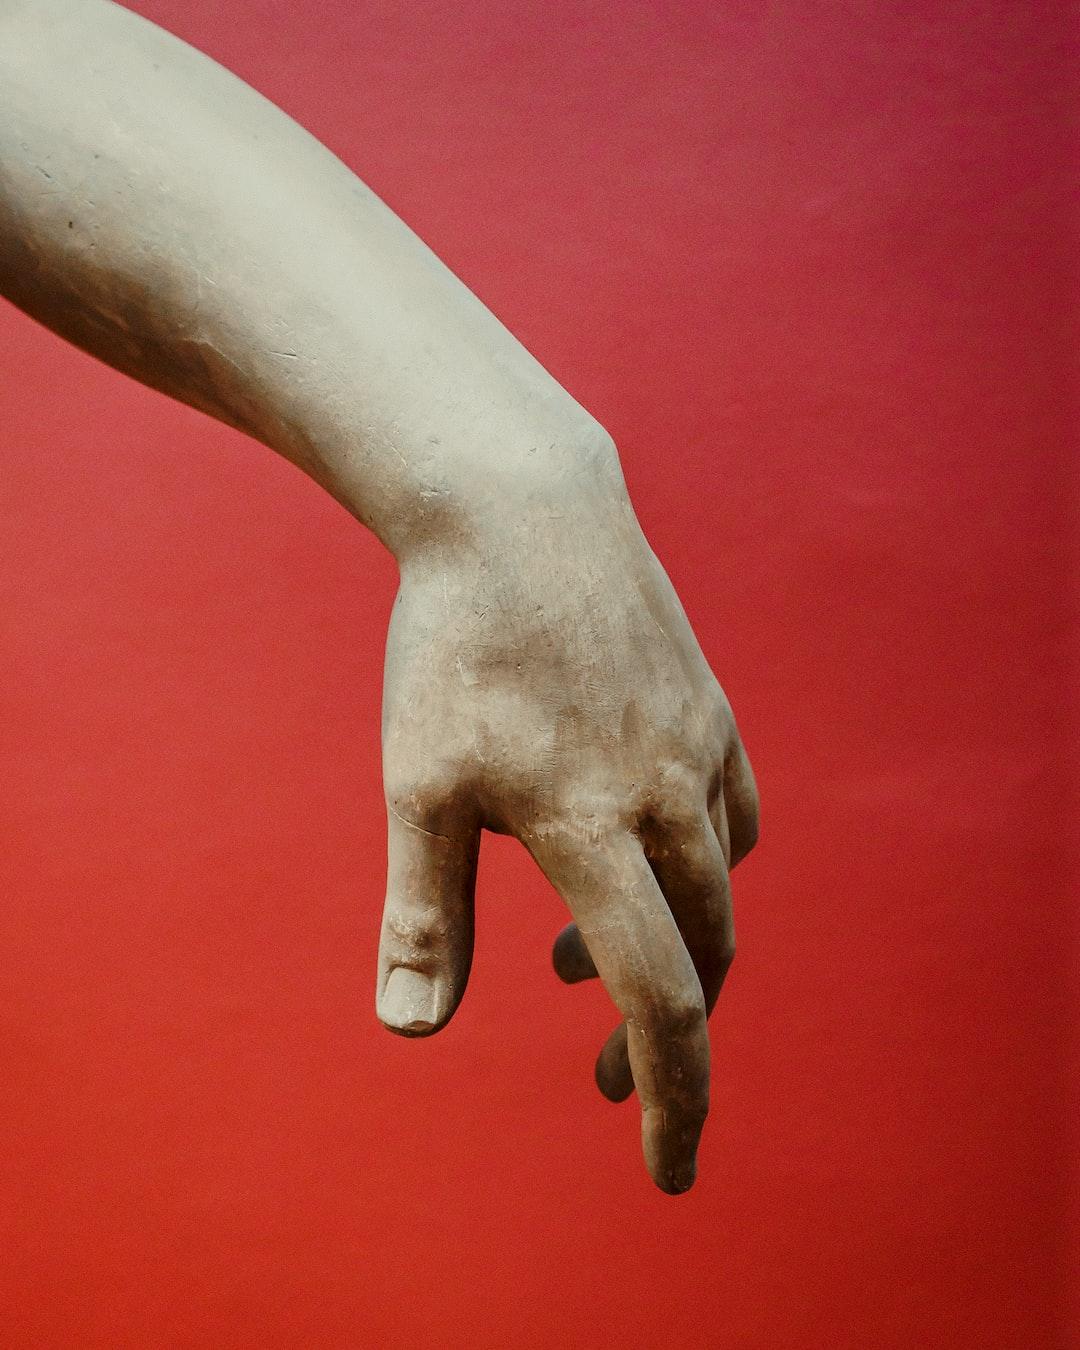 Gambar jari